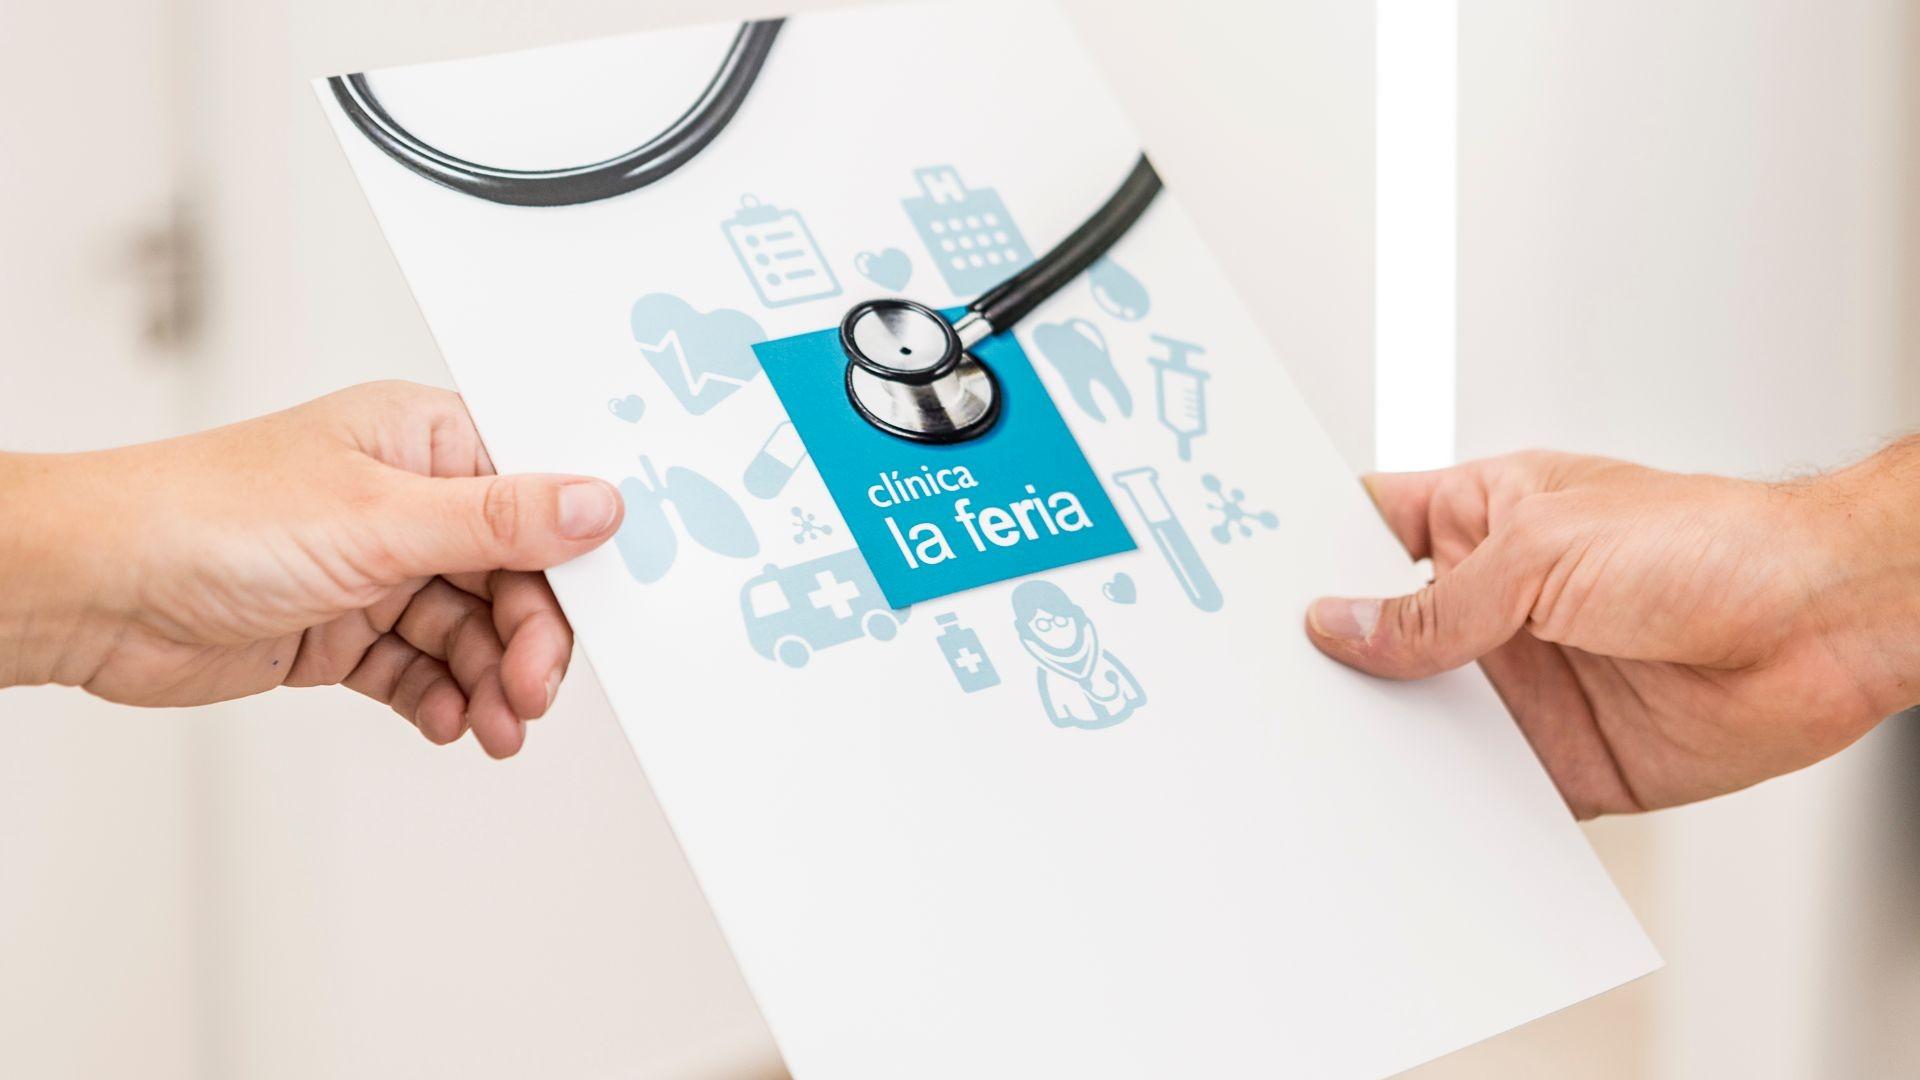 clinica1